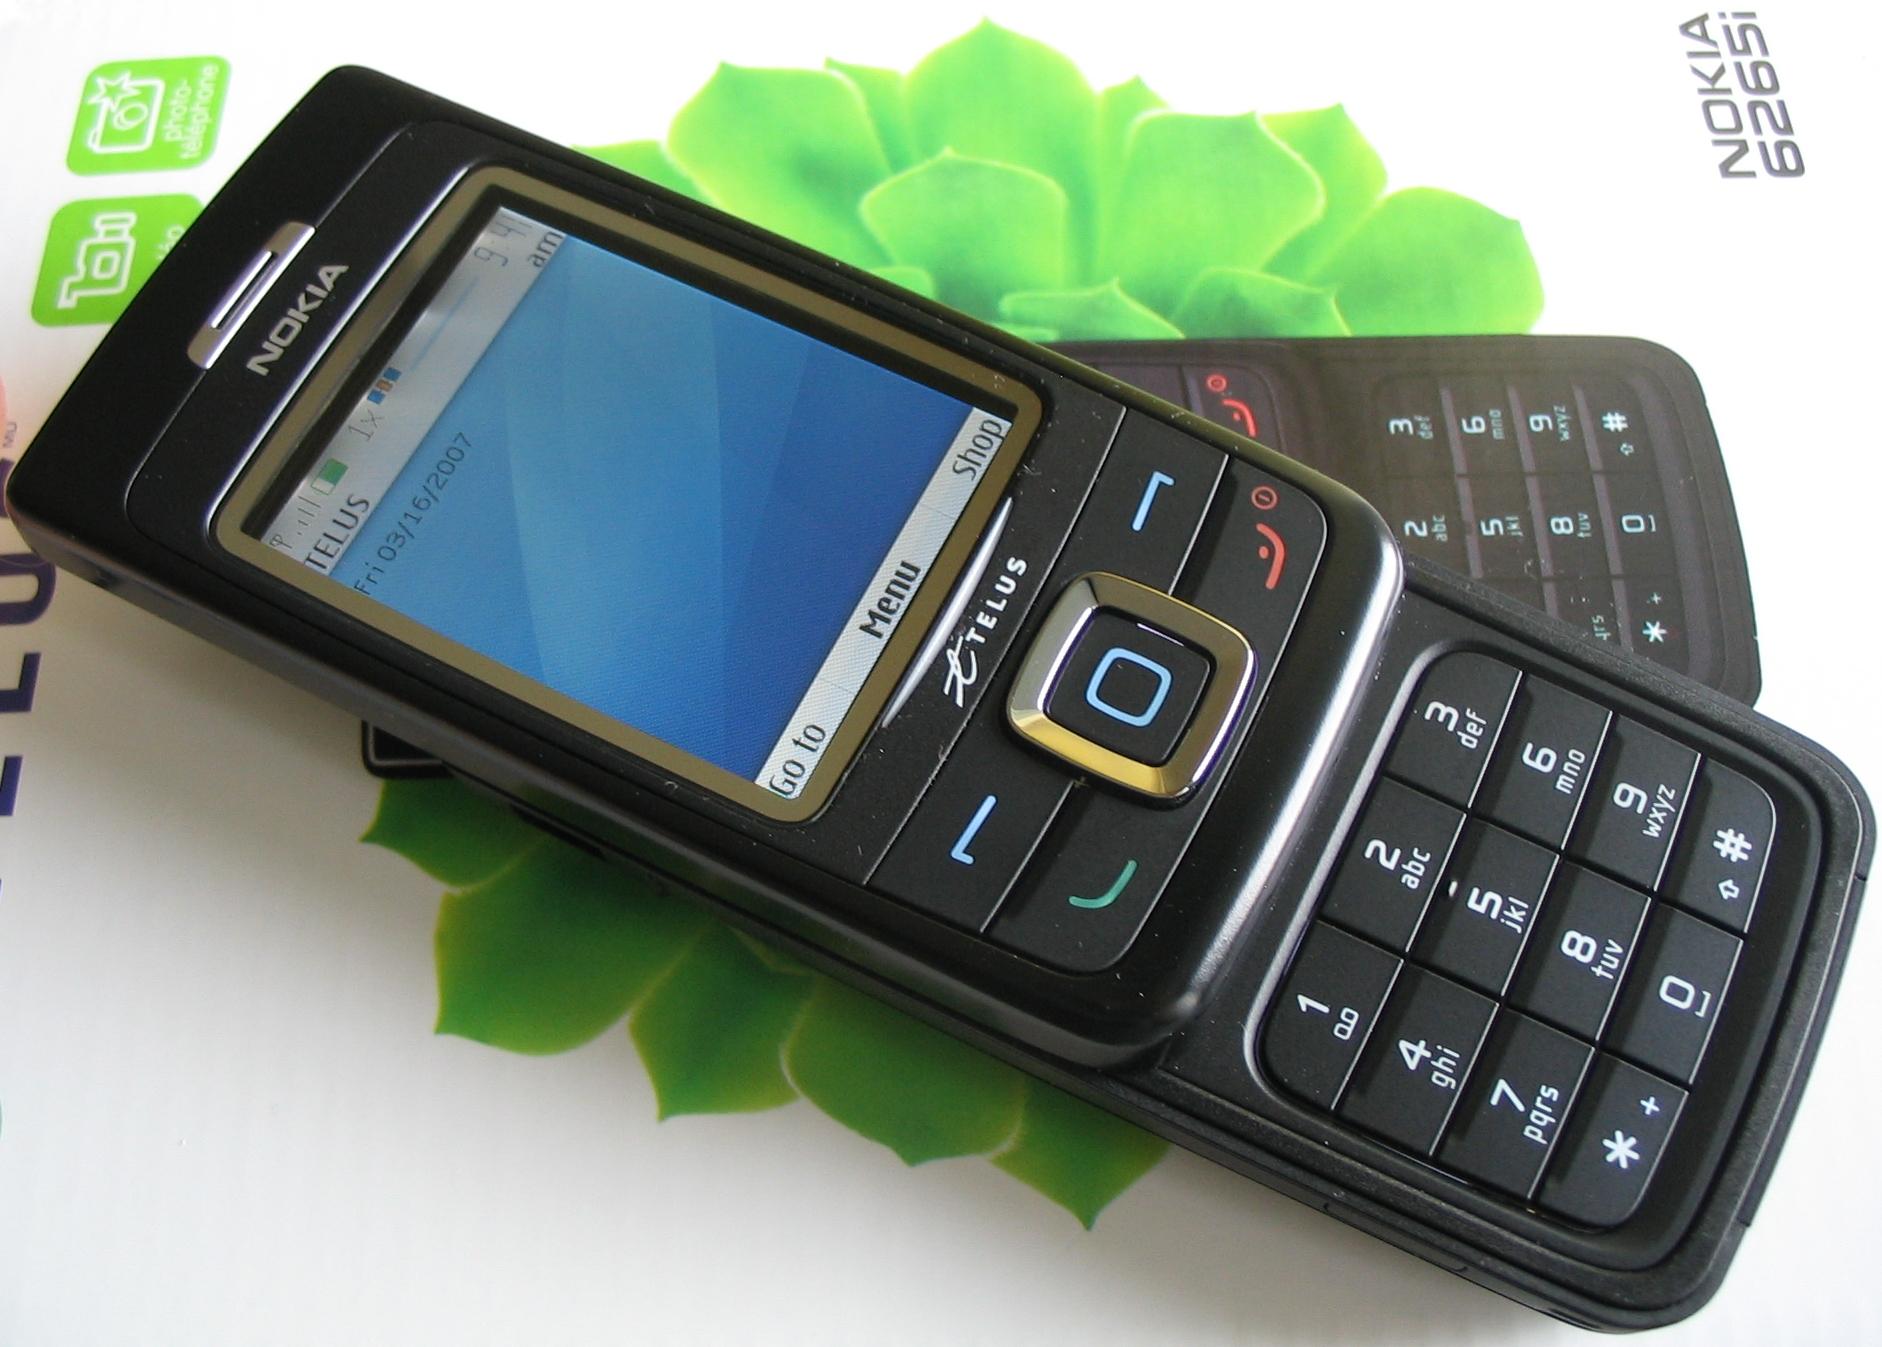 [Image: Nokia6265i.jpg]